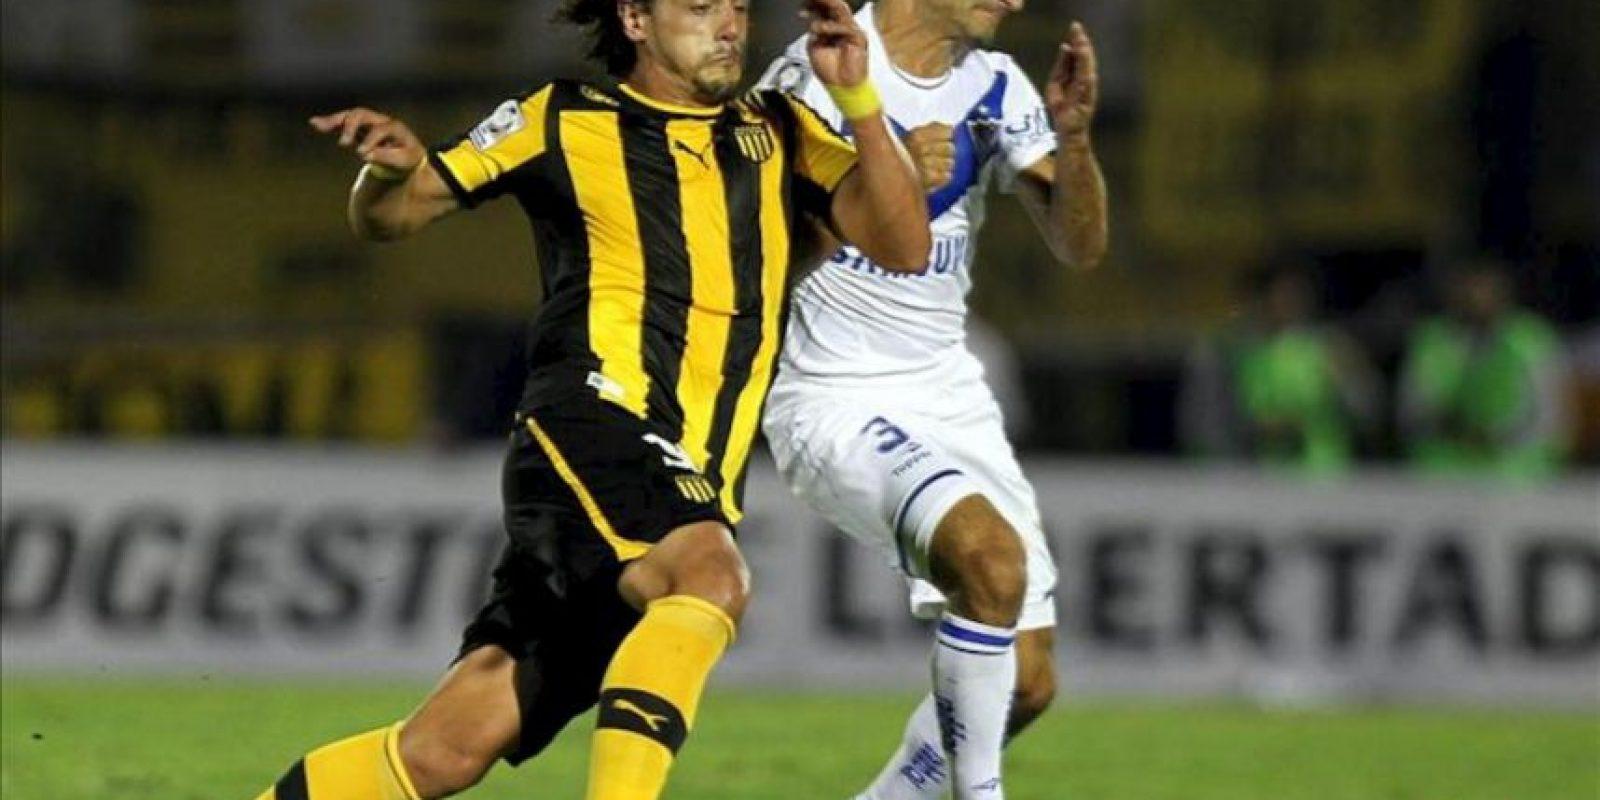 El jugador Emiliano Papa (d) de Vélez Sarsfield de Argentina disputa el balón con Matías Aguirregaray (i) de Peñarol de Uruguay durante un partido por la segunda fase de la Copa Libertadores en el estadio Centenario. EFE